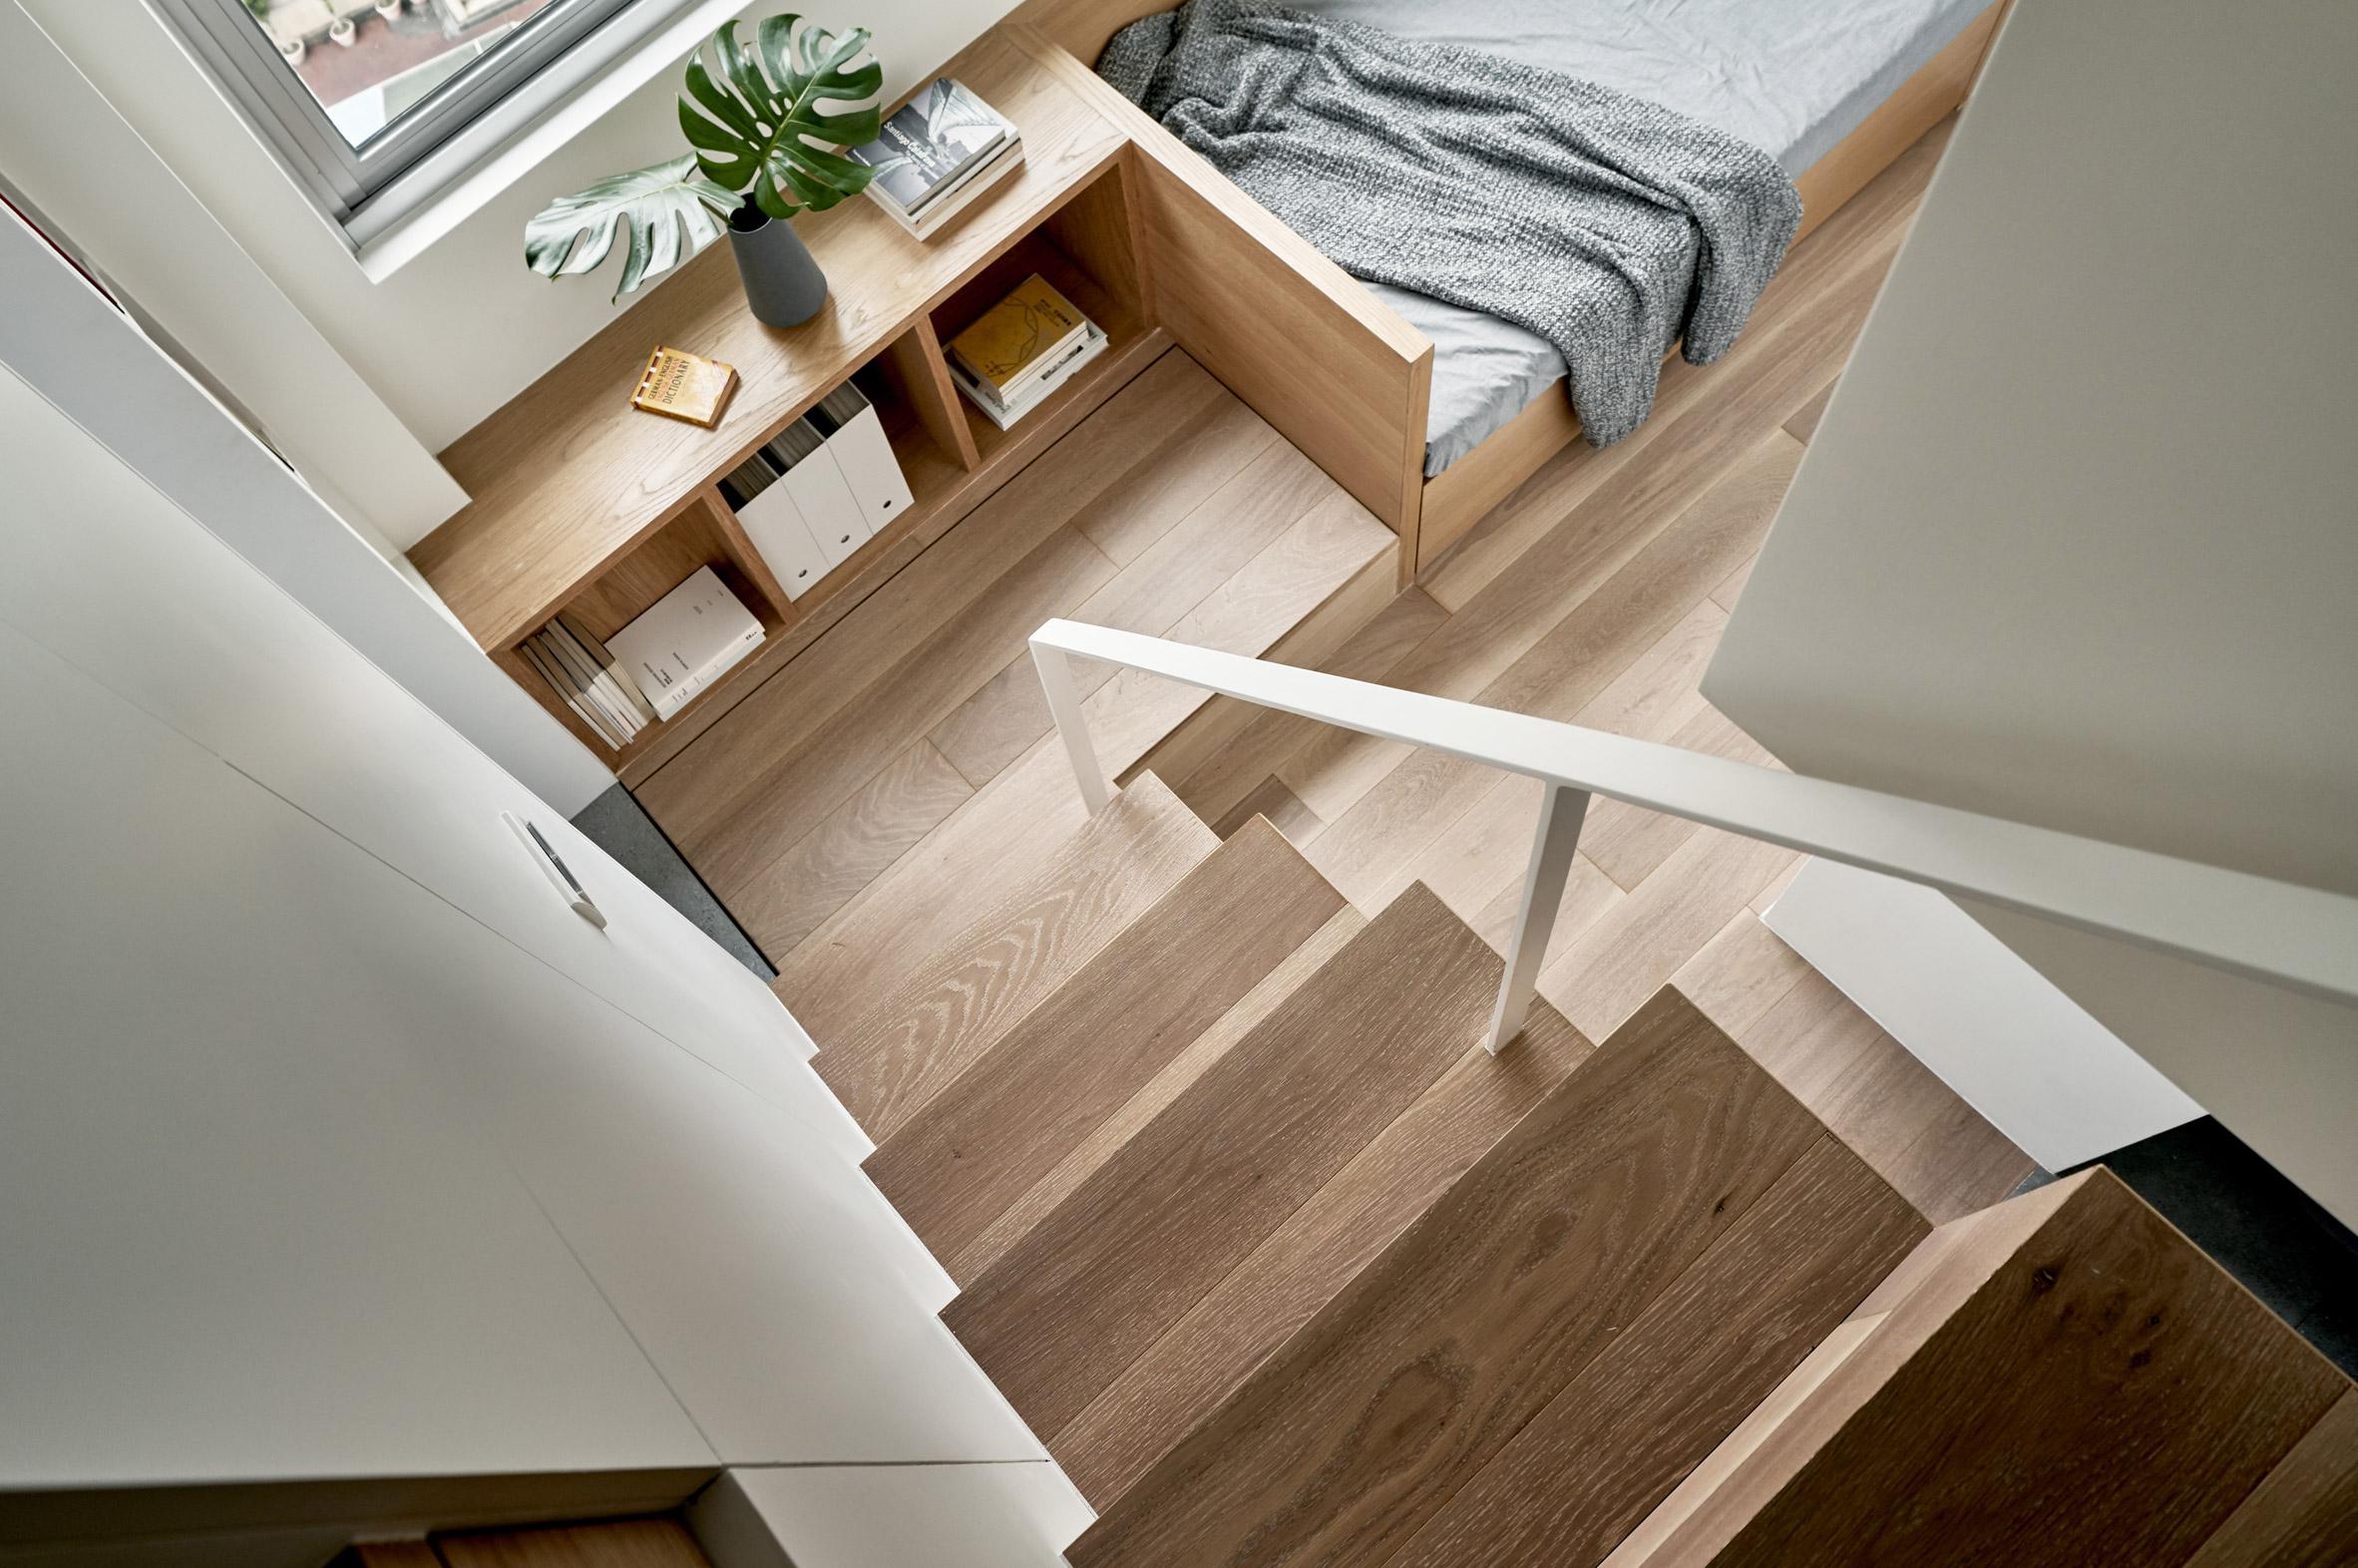 Thiết kế nội thất căn hộ 50m2 17